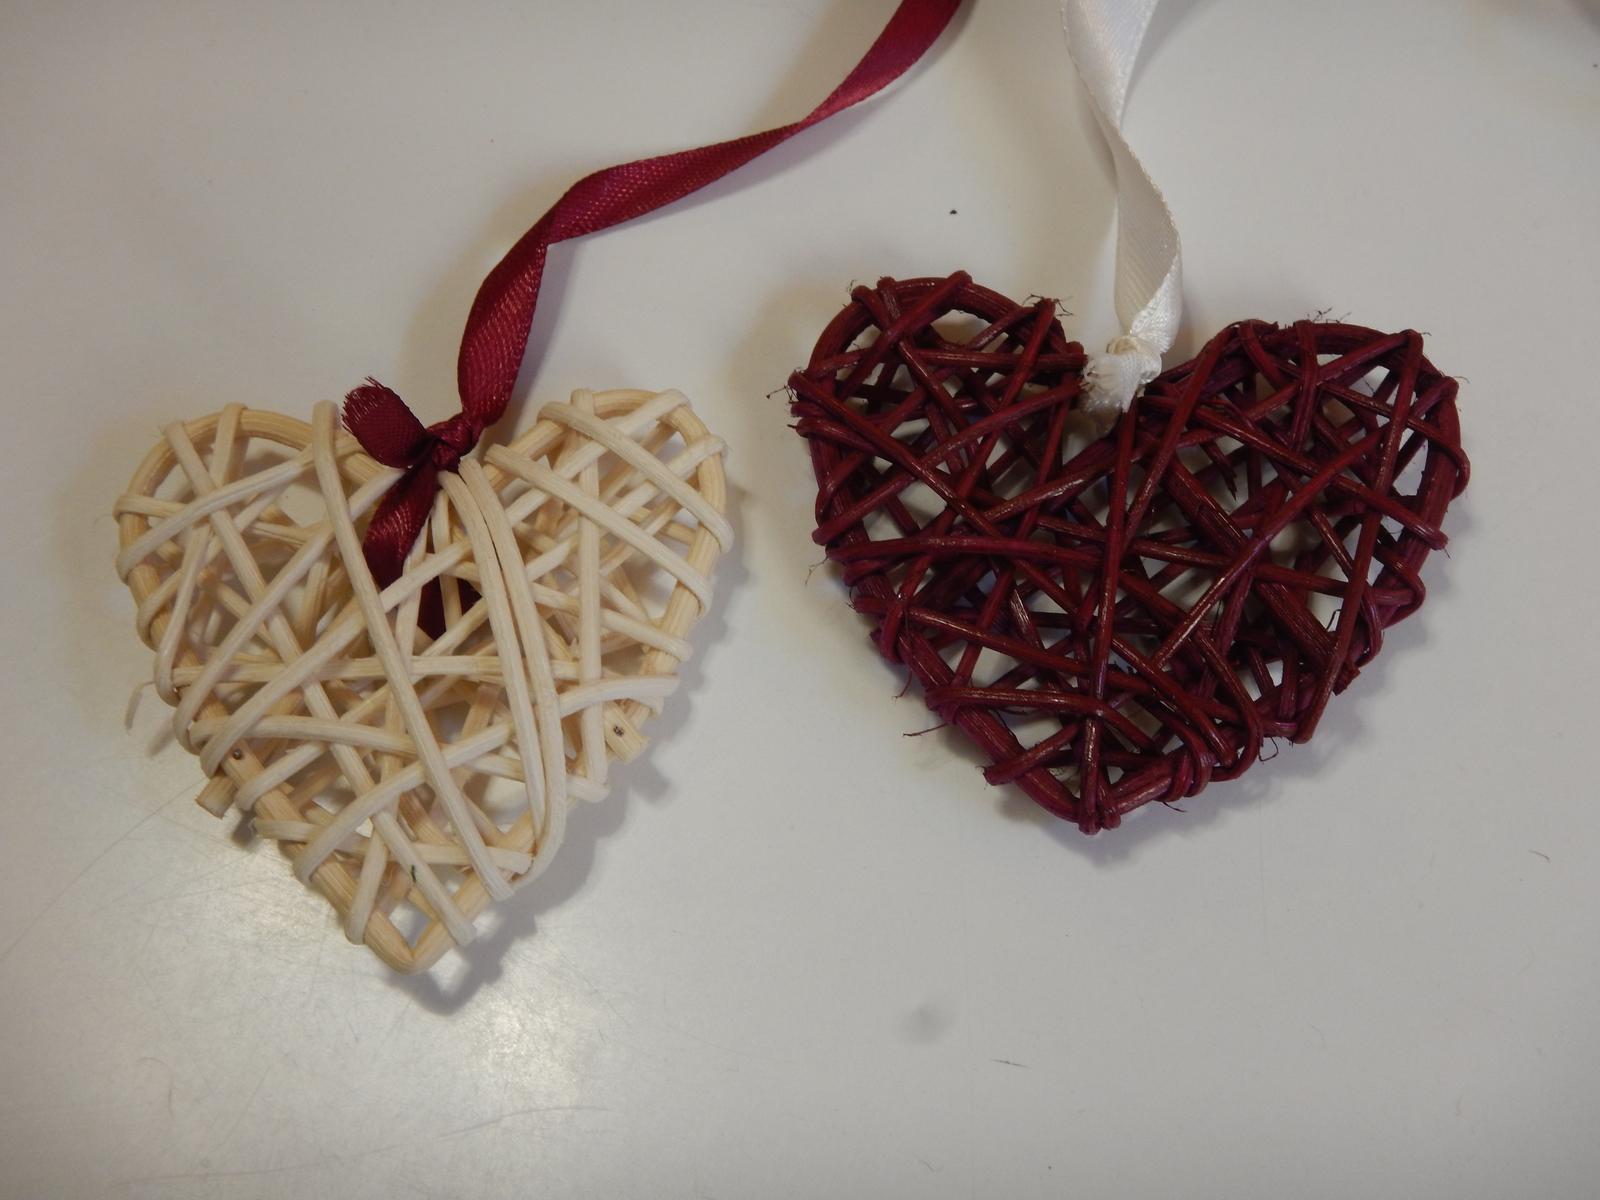 Řetězy z ratanových srdcí - Obrázek č. 1